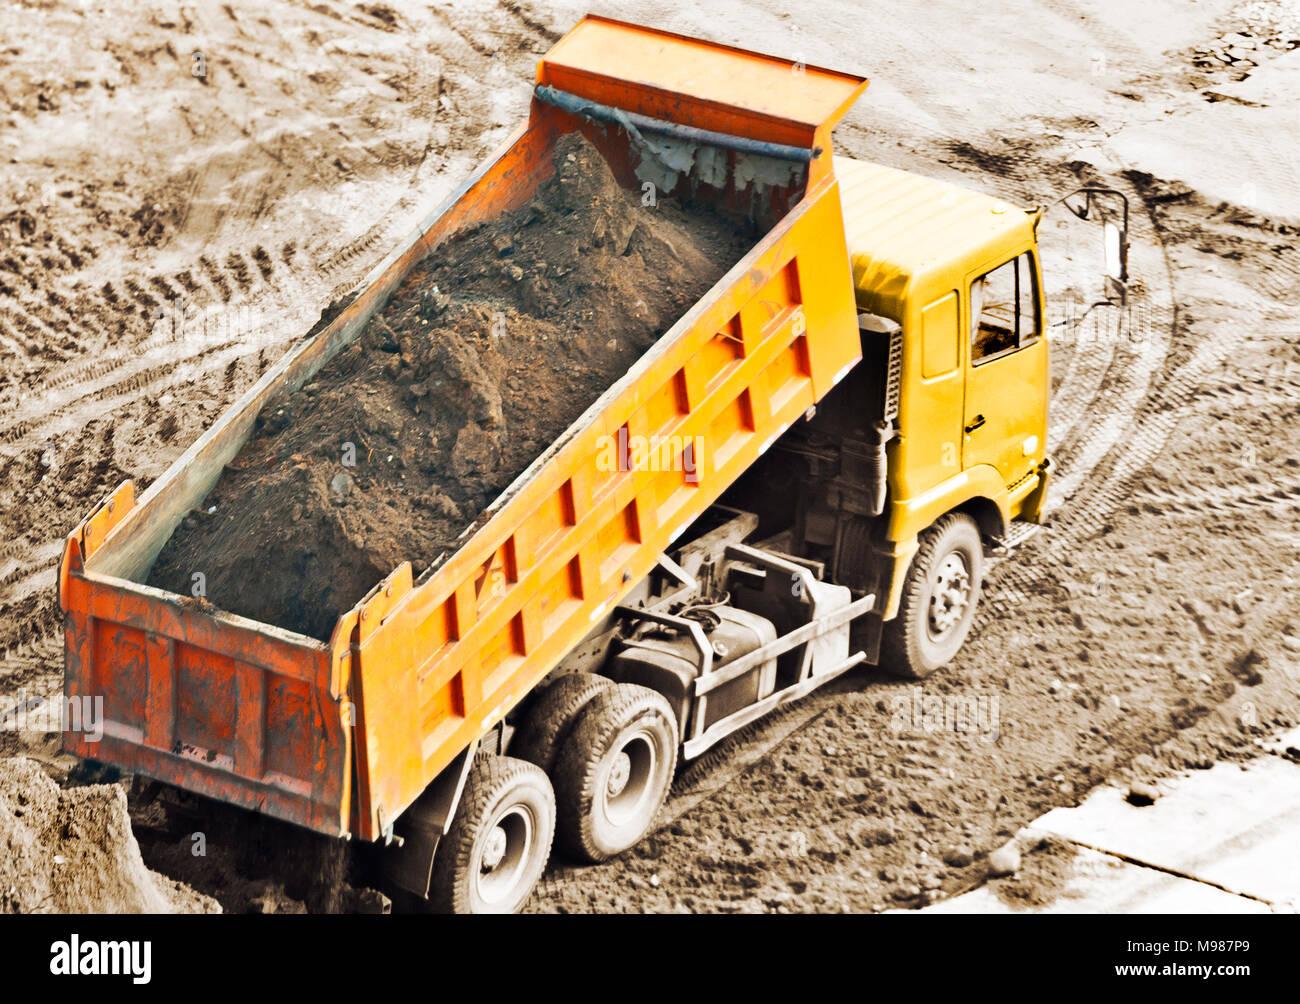 dump truck - Stock Image